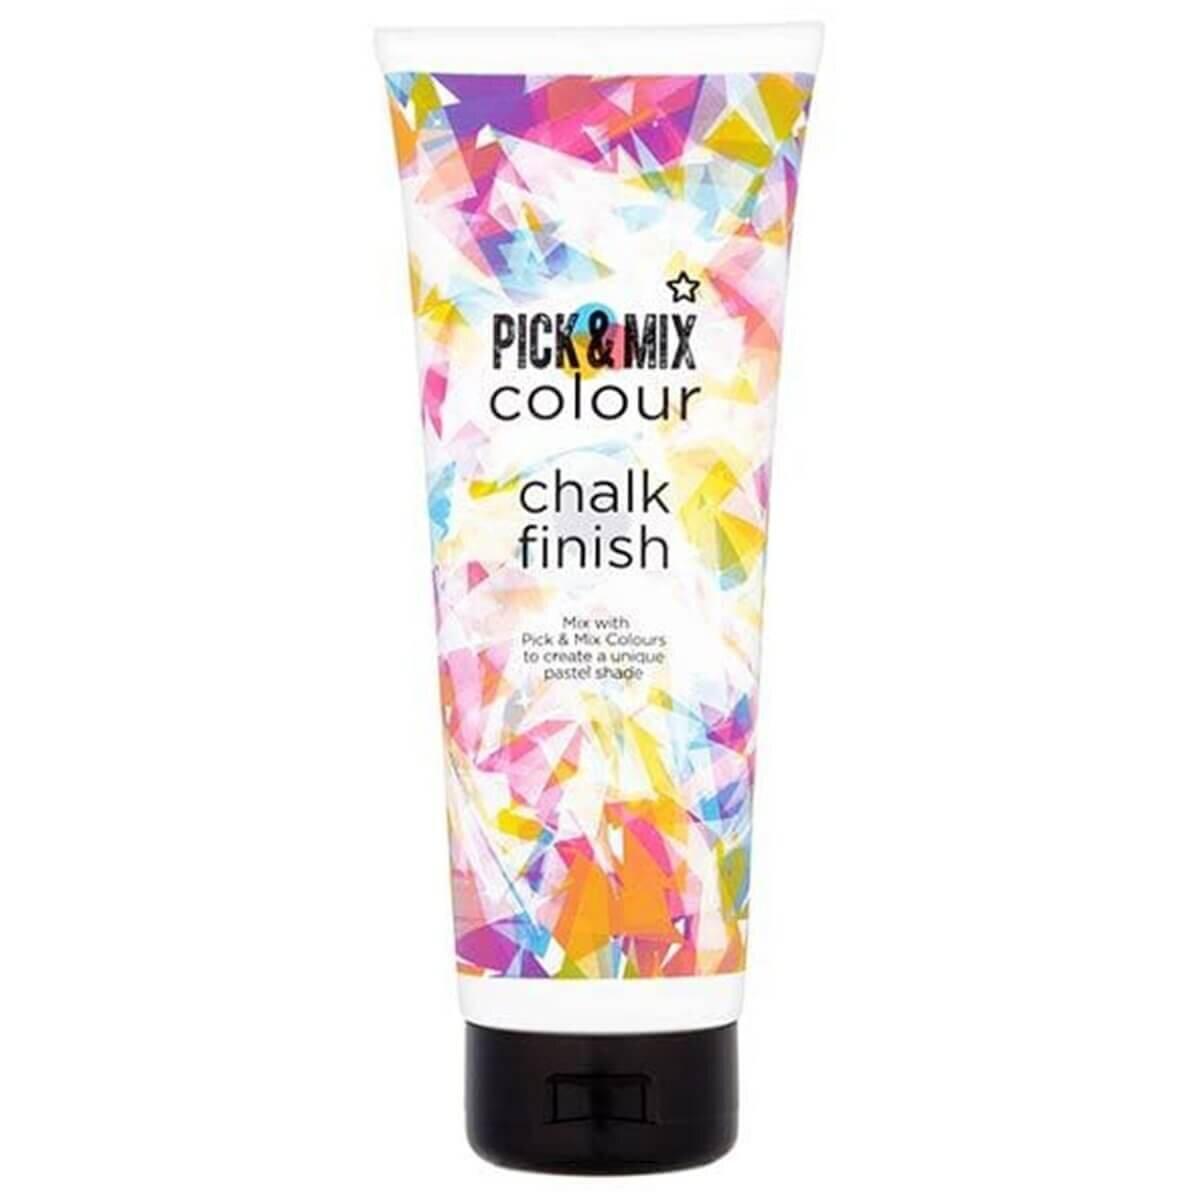 Pick & Mix Colour Chalk Finish Saç Boyası